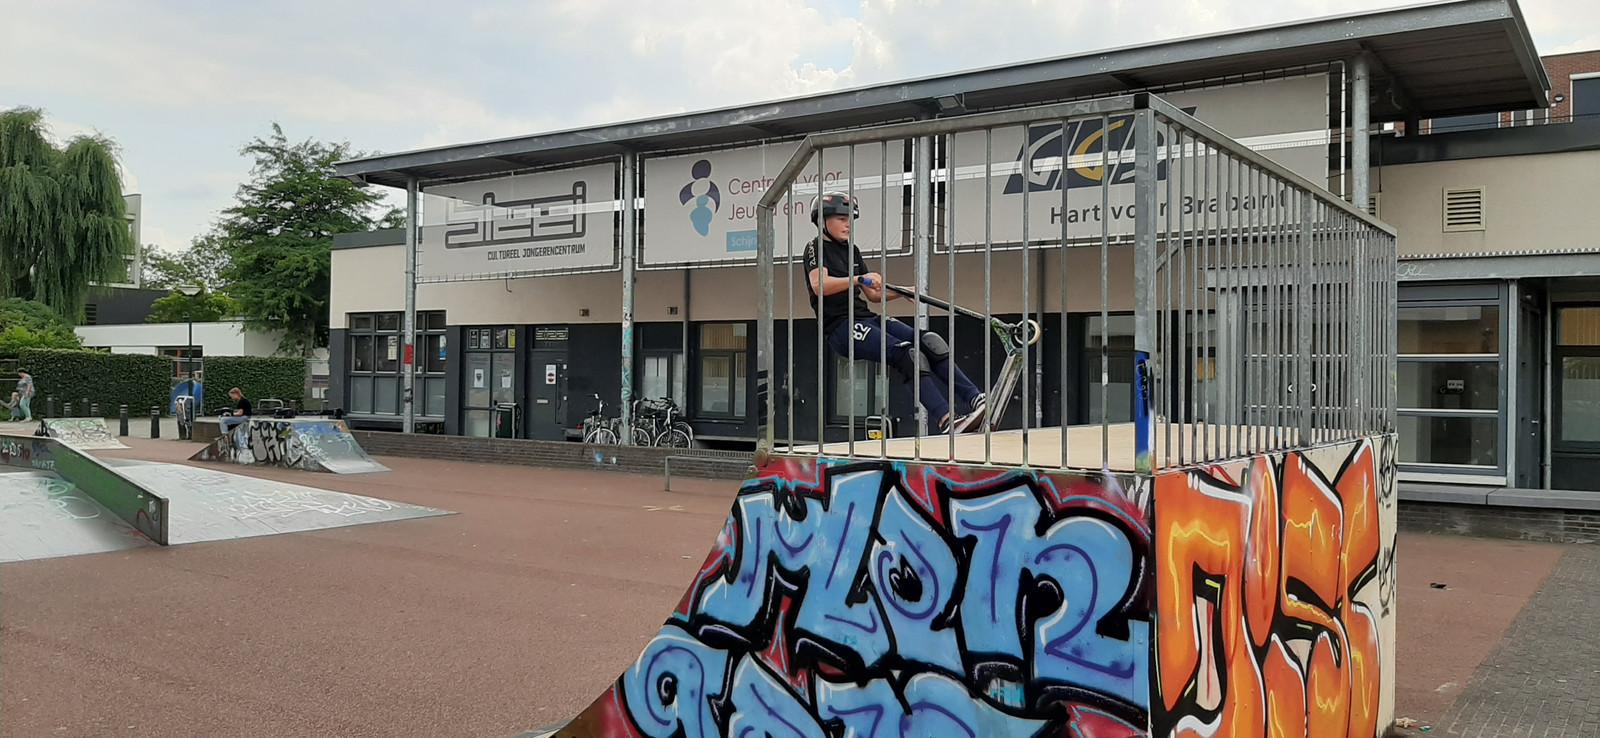 Jongerencentrum Bizzi in Schijndel.